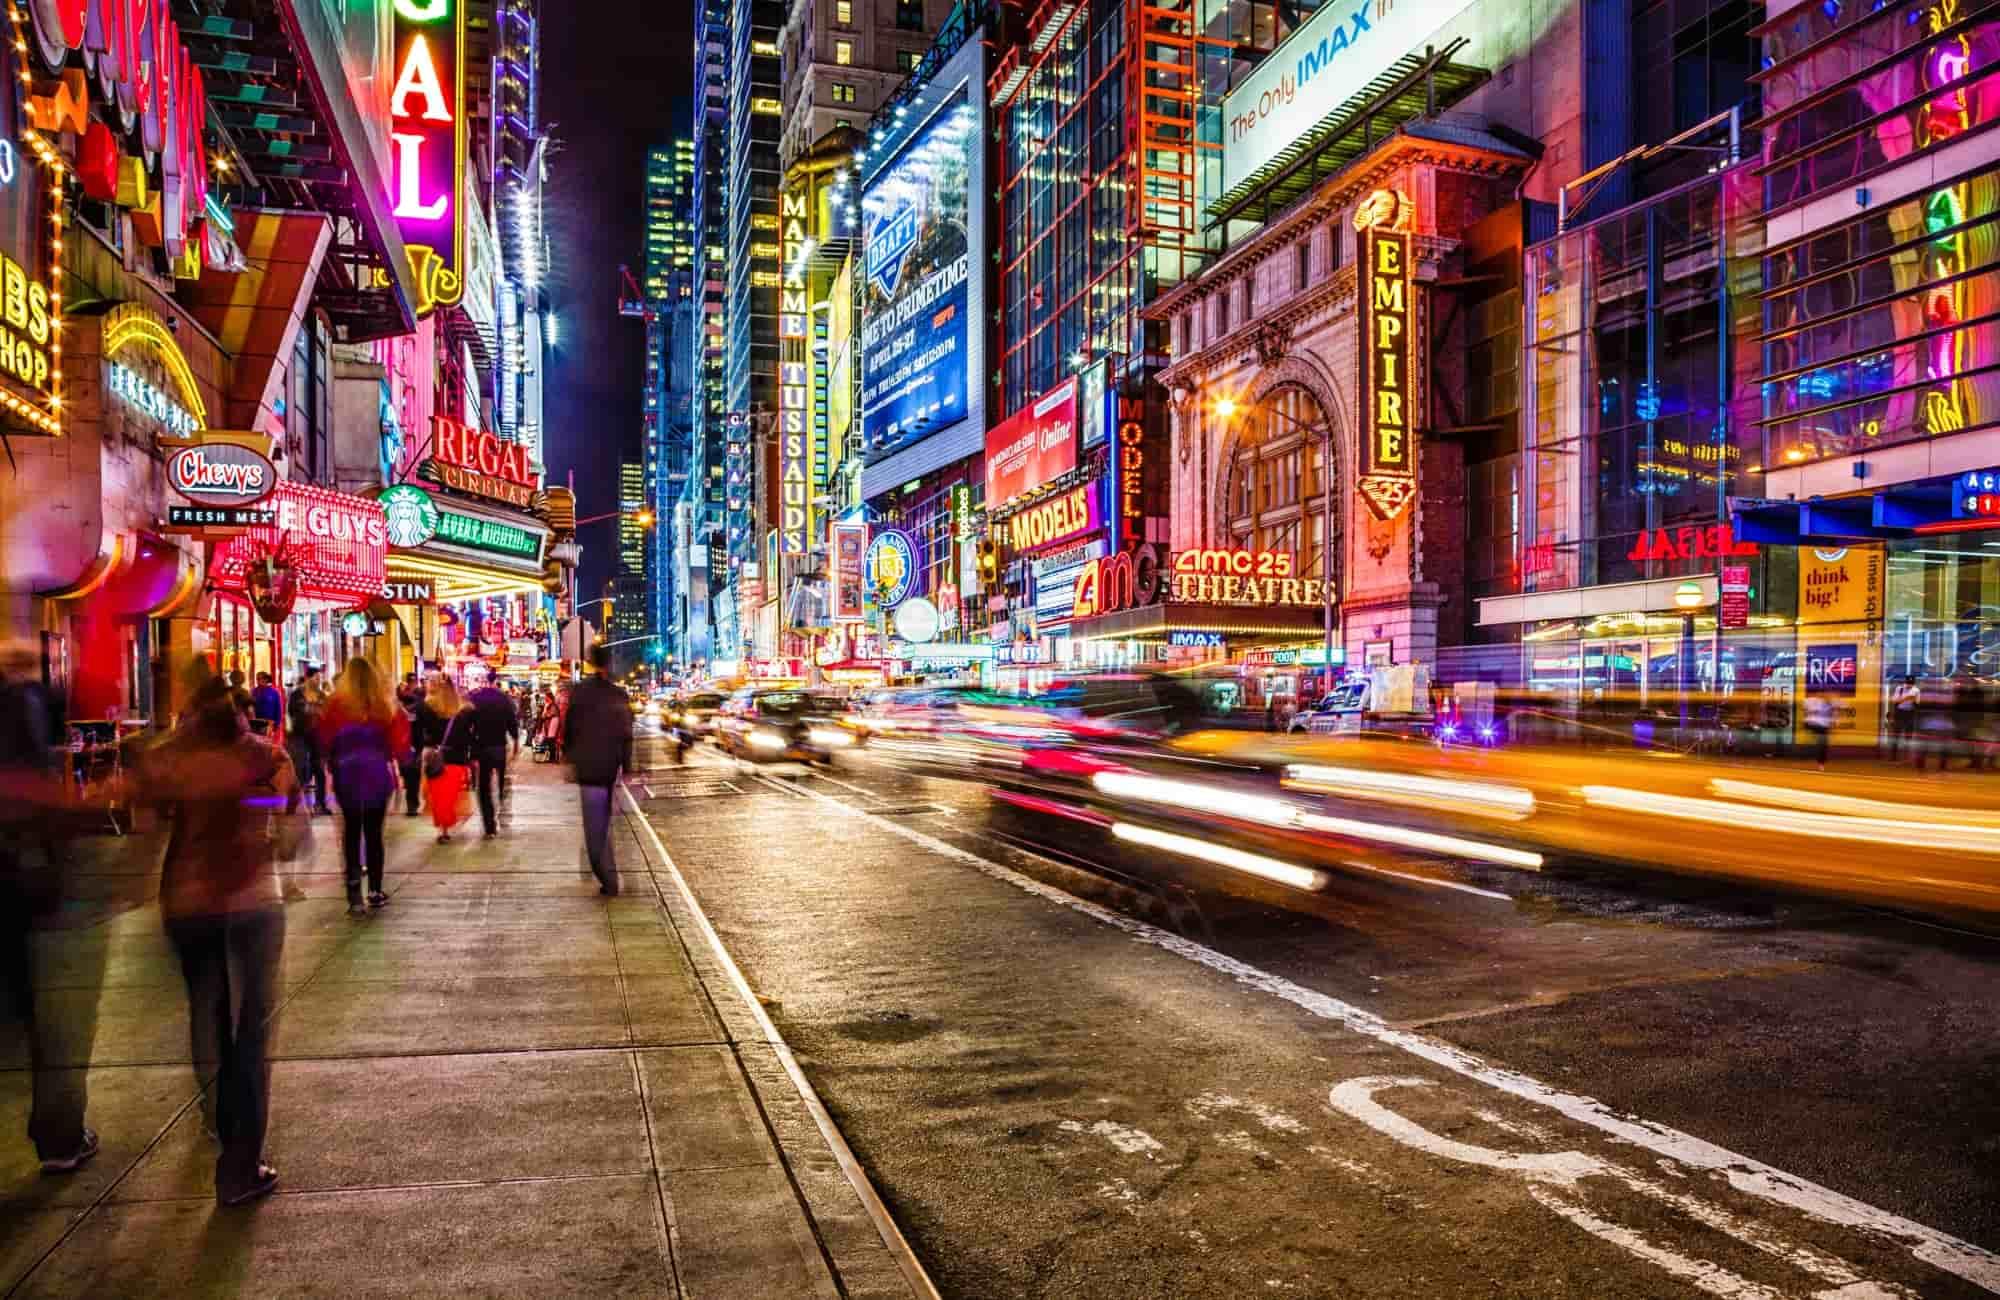 Voyage New York - 42ème rue - Amplitudes